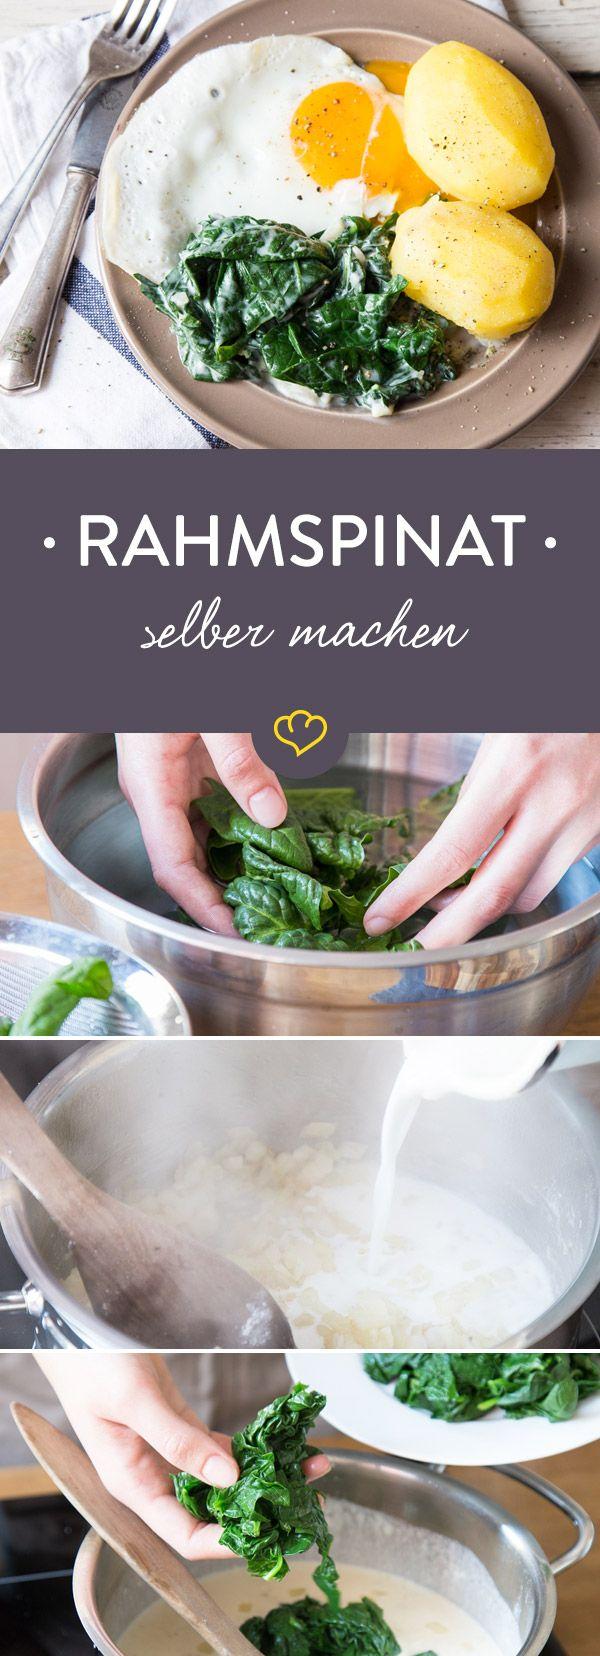 Alles was du über Spinat wissen musst: Wir erklären dir, wie du frischen Spinat zubereitest und wie du Rahmspinat ohne Blubb aber mit Liebe kochst!